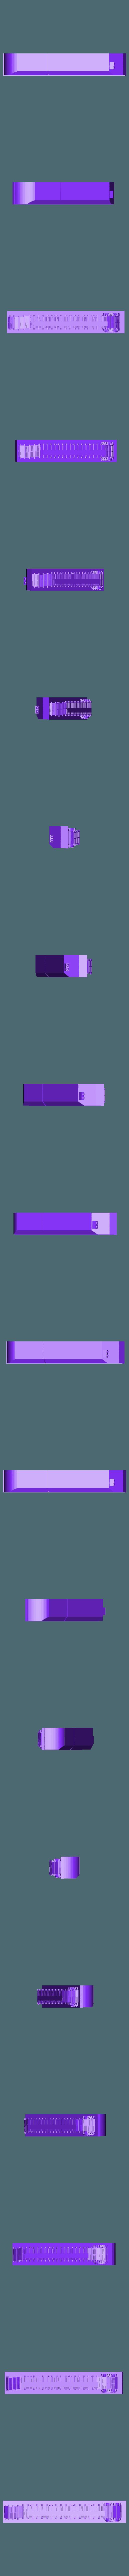 Simplified_tracks_Right.stl Télécharger fichier STL gratuit ork / orc Flak tank 28mm wargames véhicule • Modèle imprimable en 3D, redstarkits